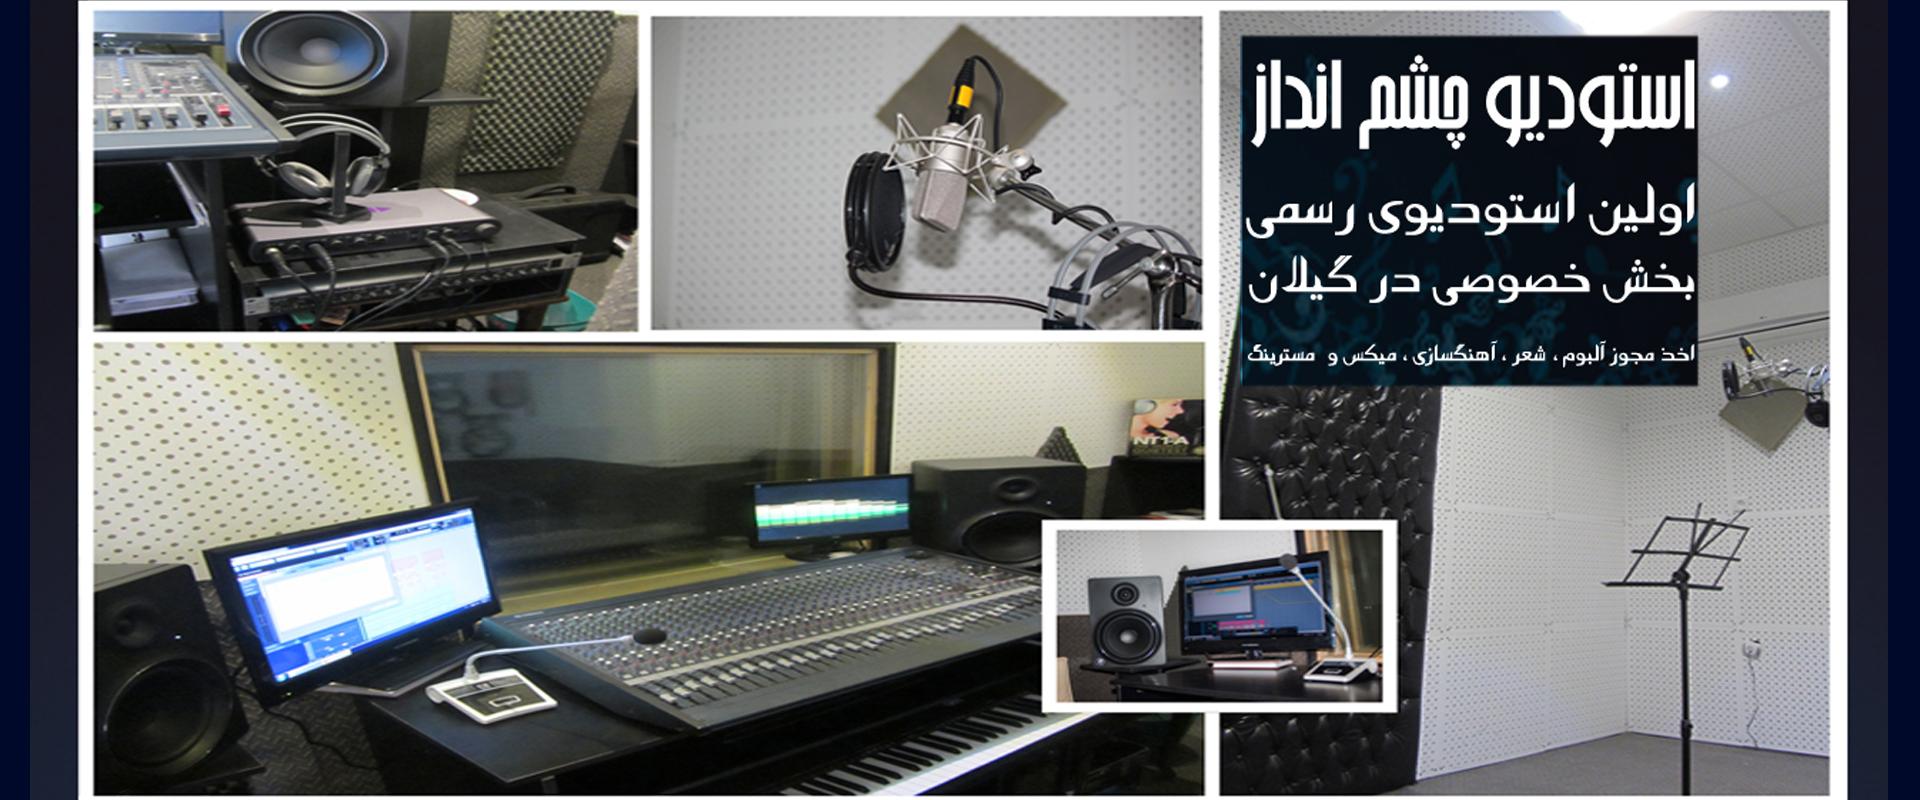 استودیو صدا برداری چشم انداز فردا